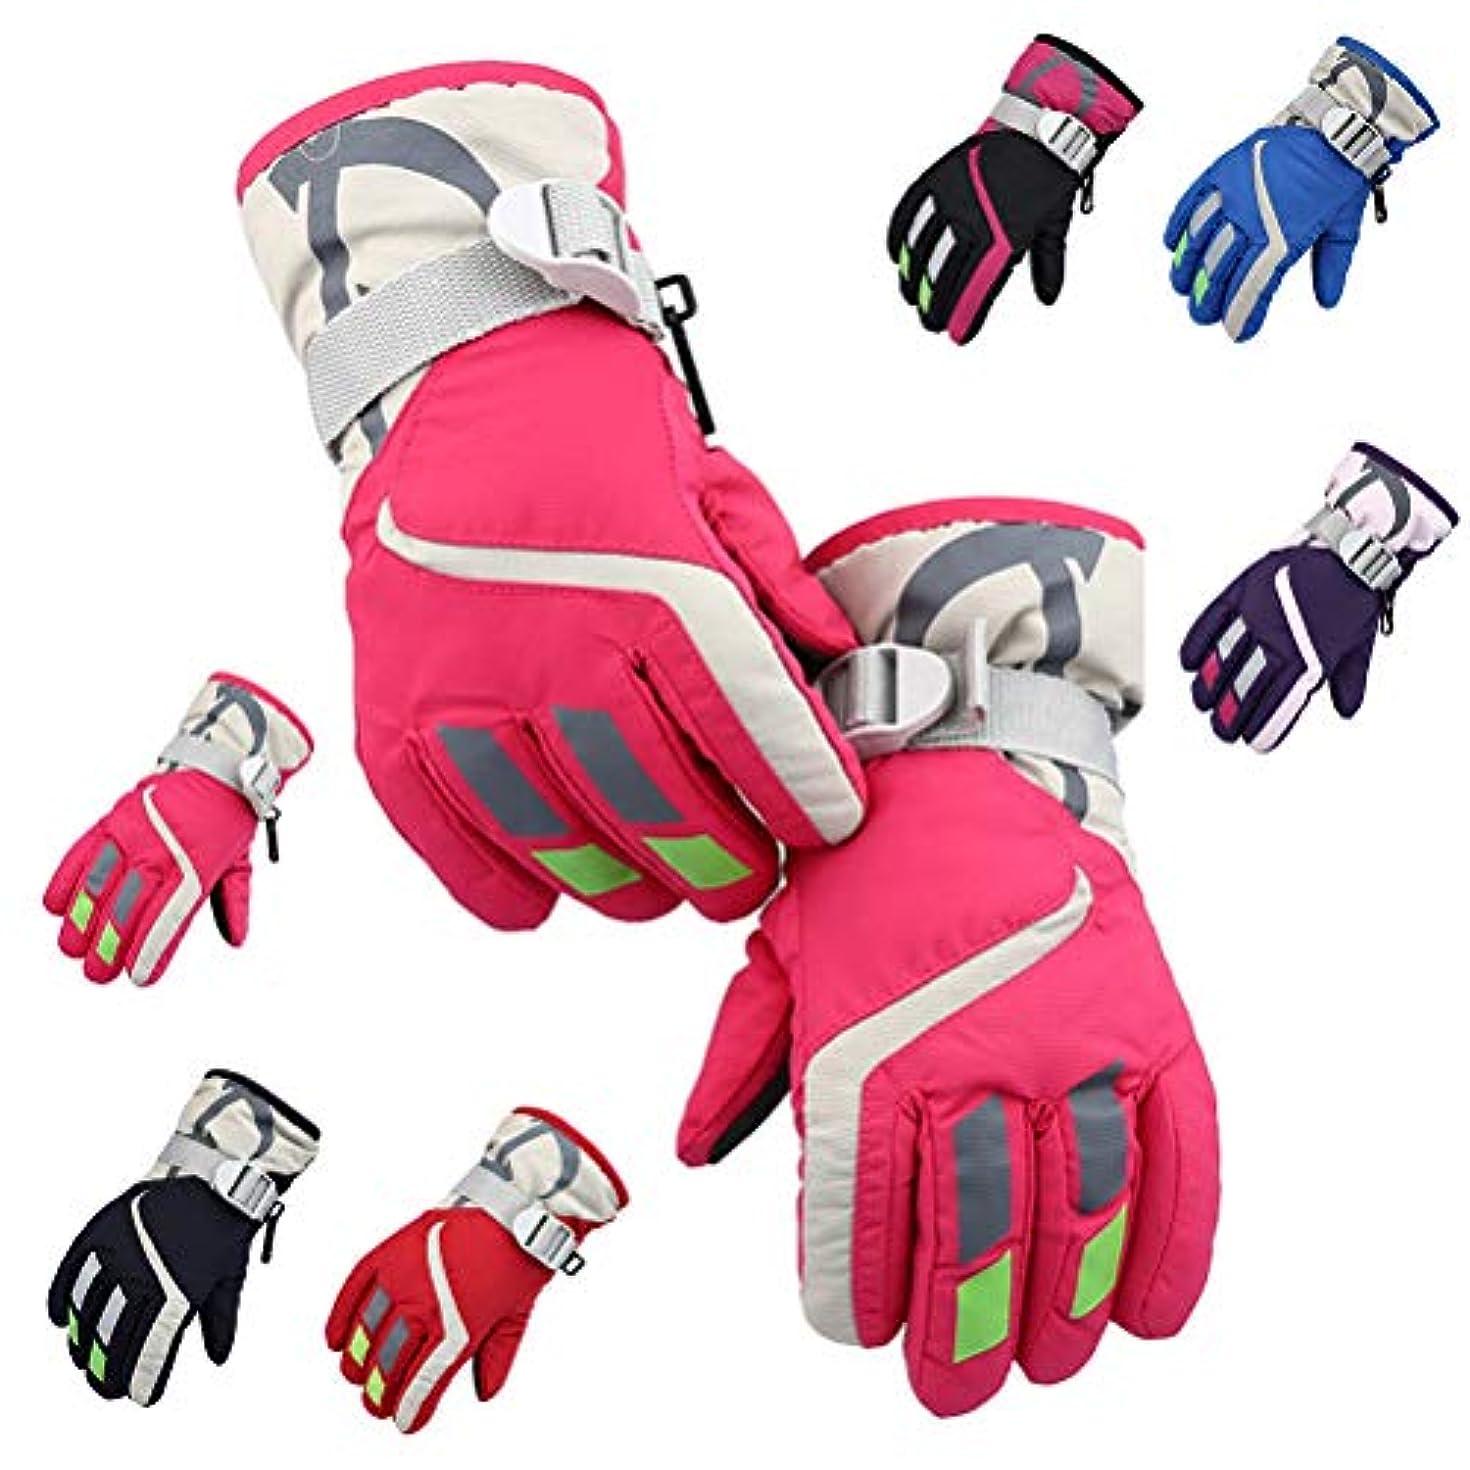 圧力売る予防接種するBlight スポーツグローブ子供用スキー手袋冬は、暖かい手袋調節可能な耐寒性手袋厚く防寒グローブ 保温 冬 厚手 革 防寒